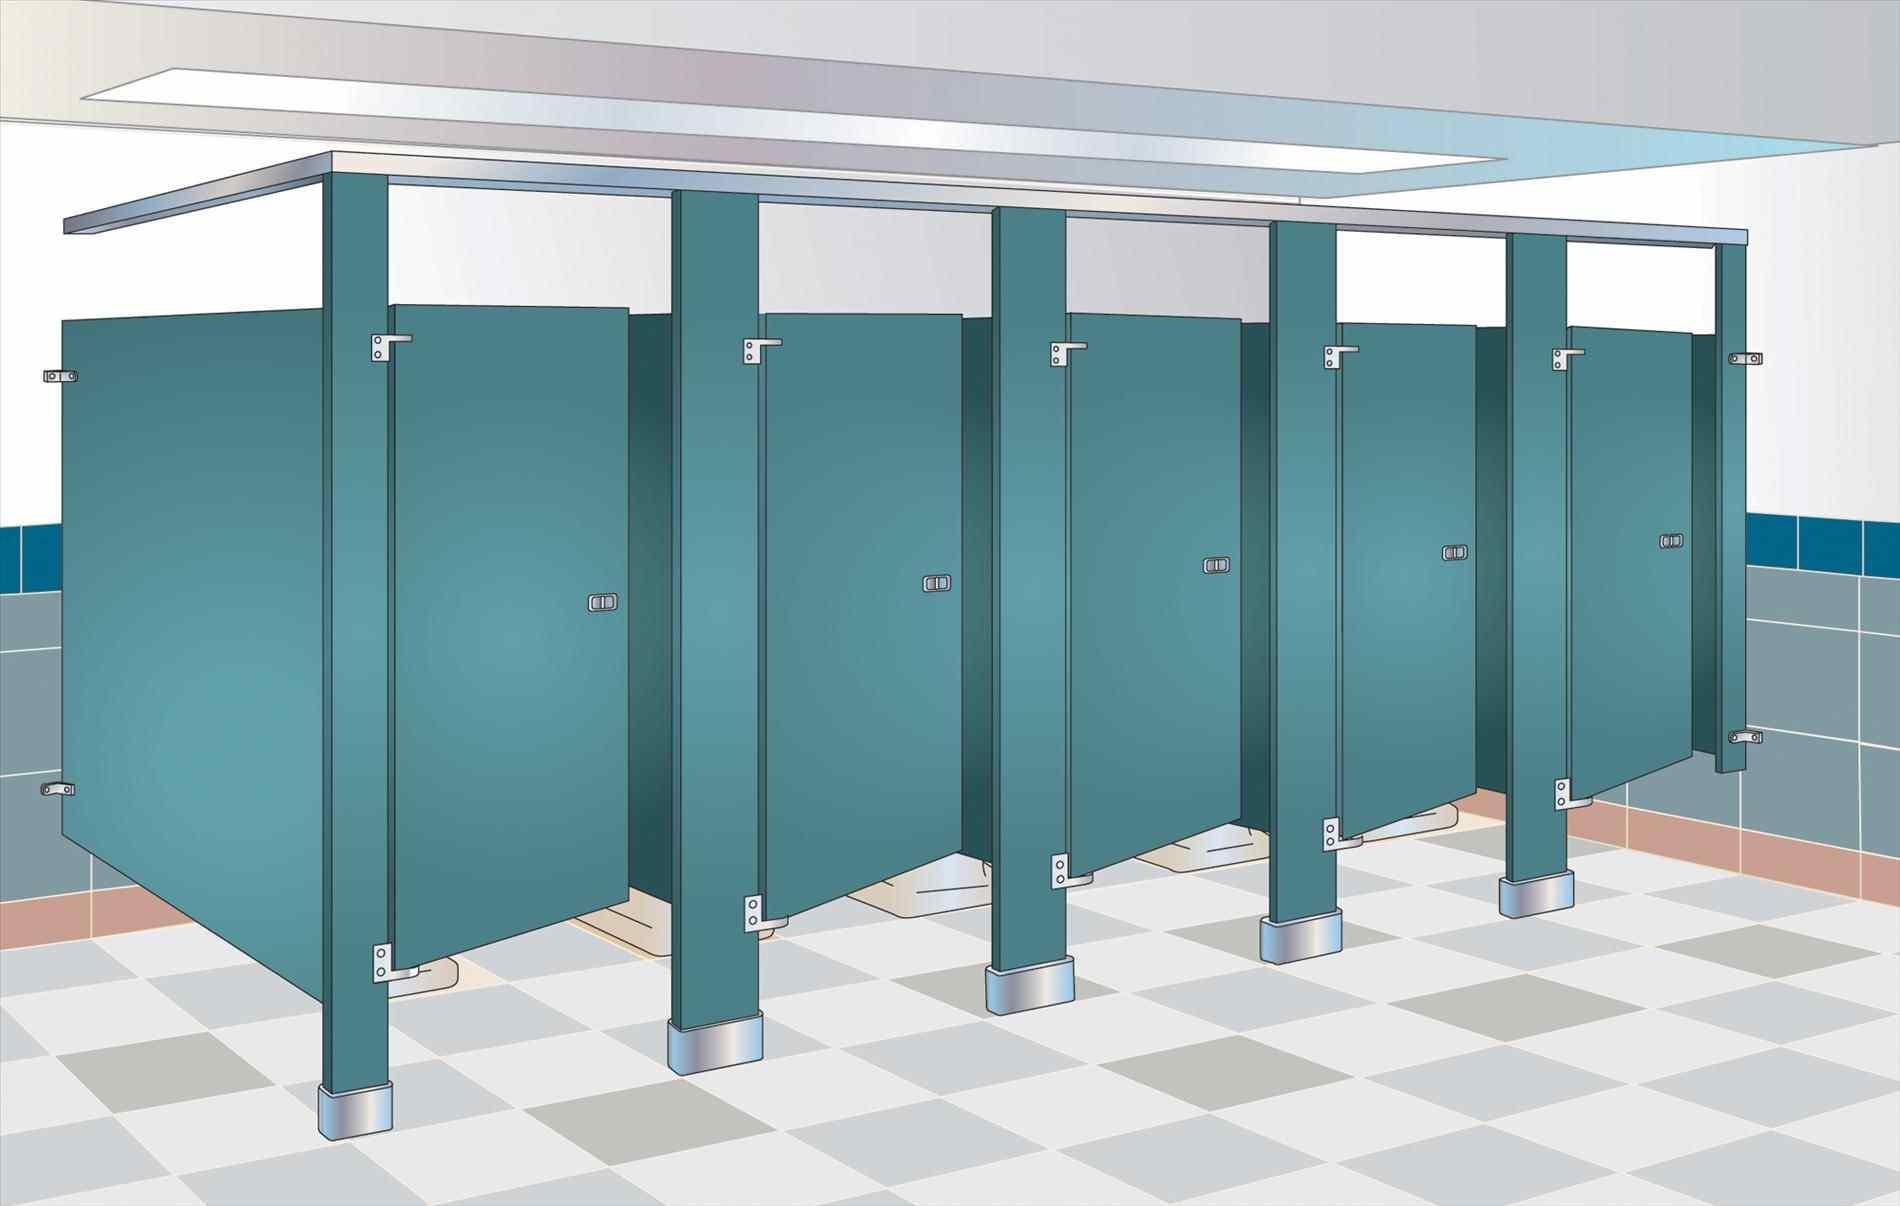 Bathroom Stall Clipart.